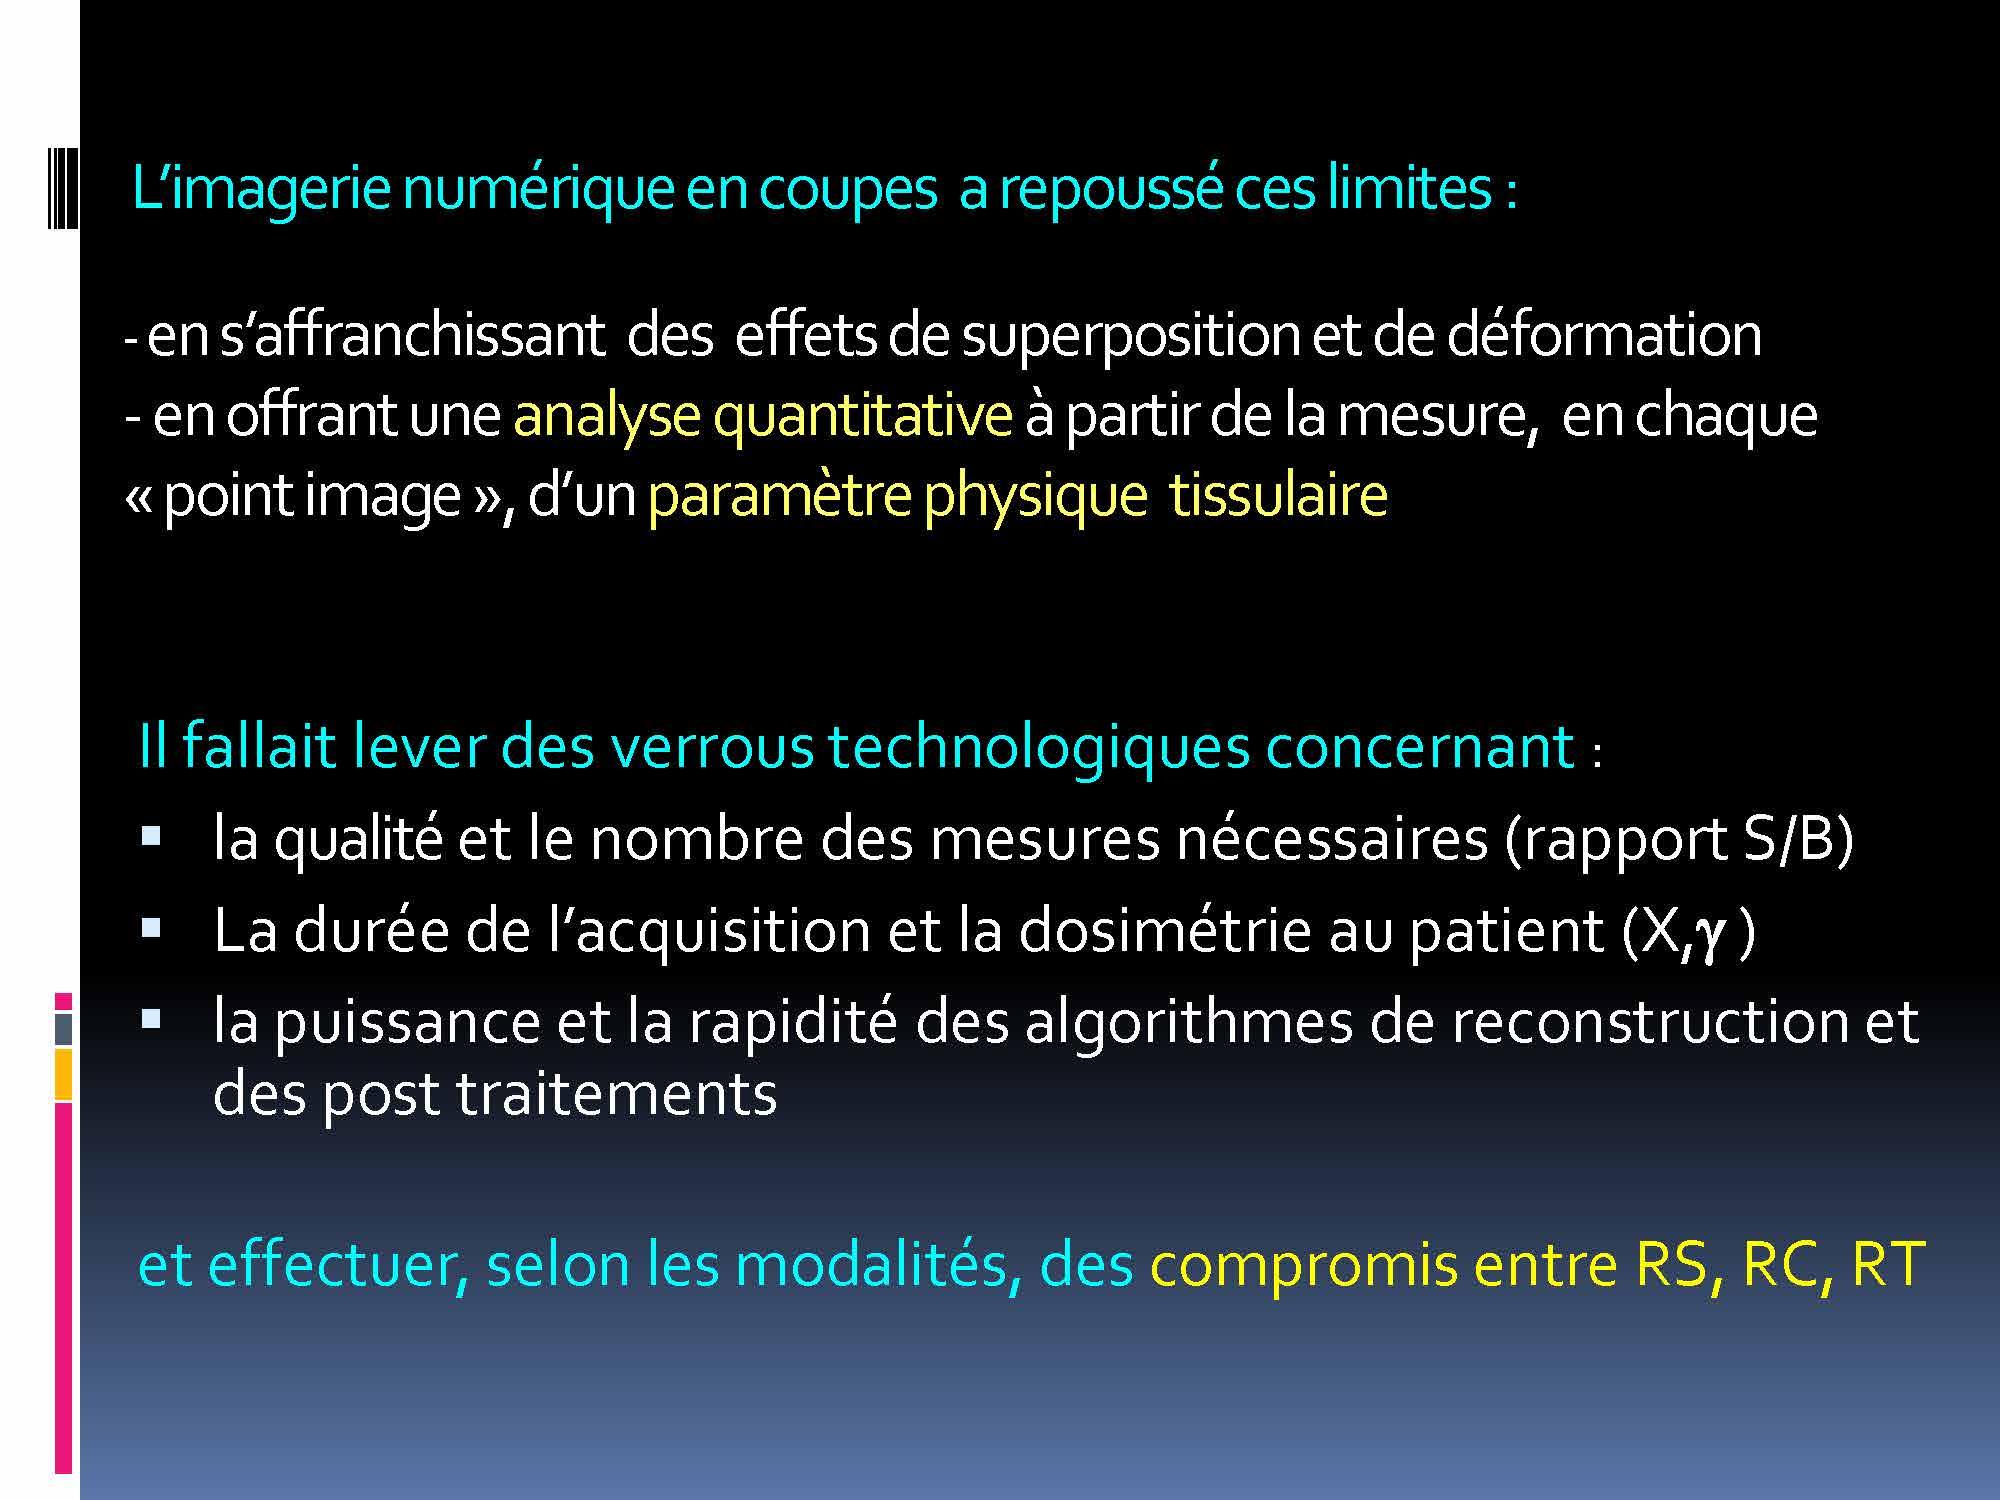 Imagerie médicale Lyon 5-12 -2017_Page_06